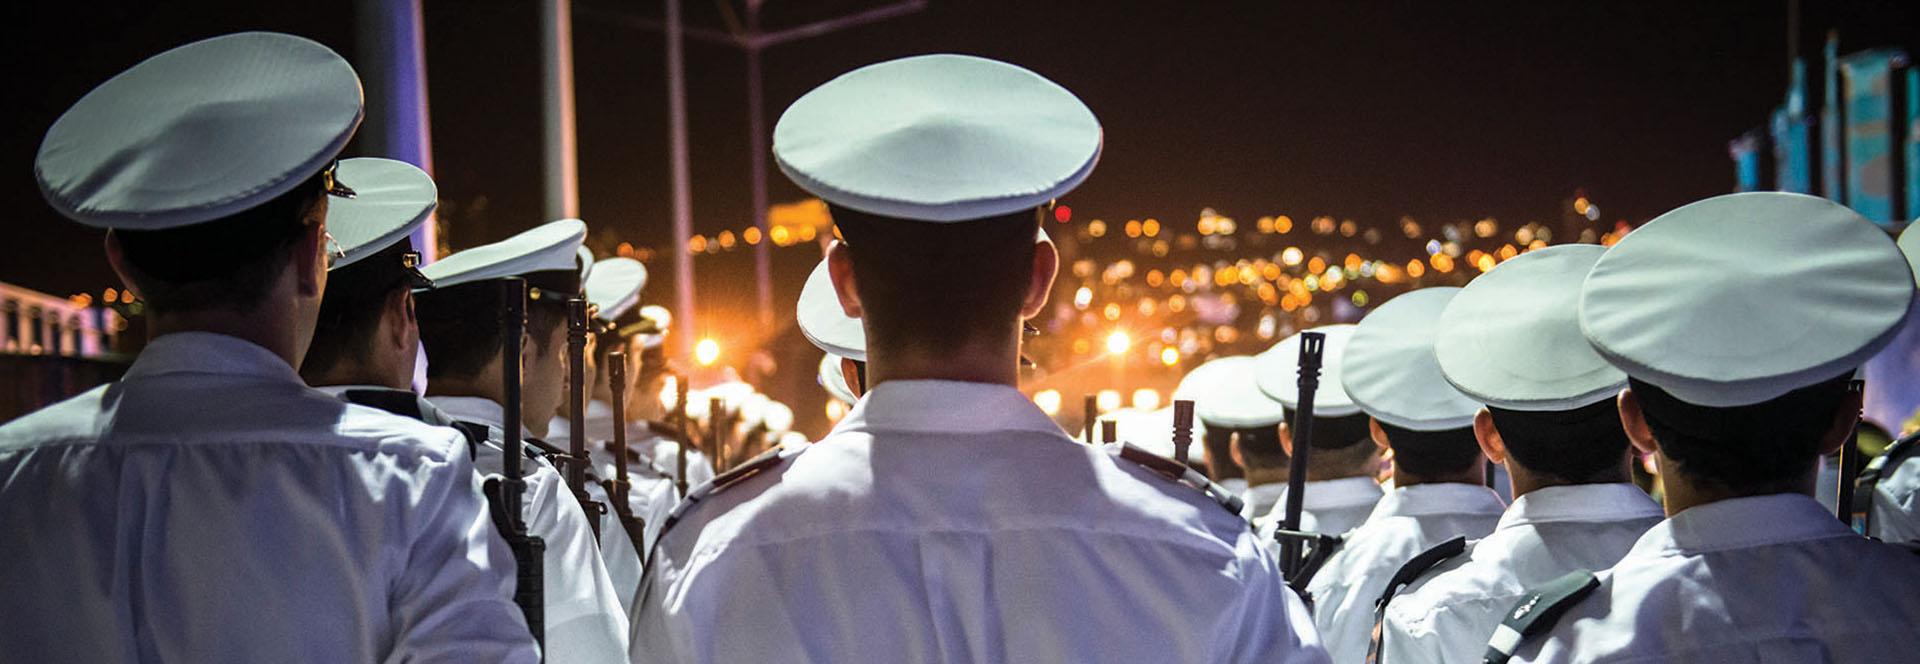 אירועי מורשת לפי מלחמות   זרוע הים